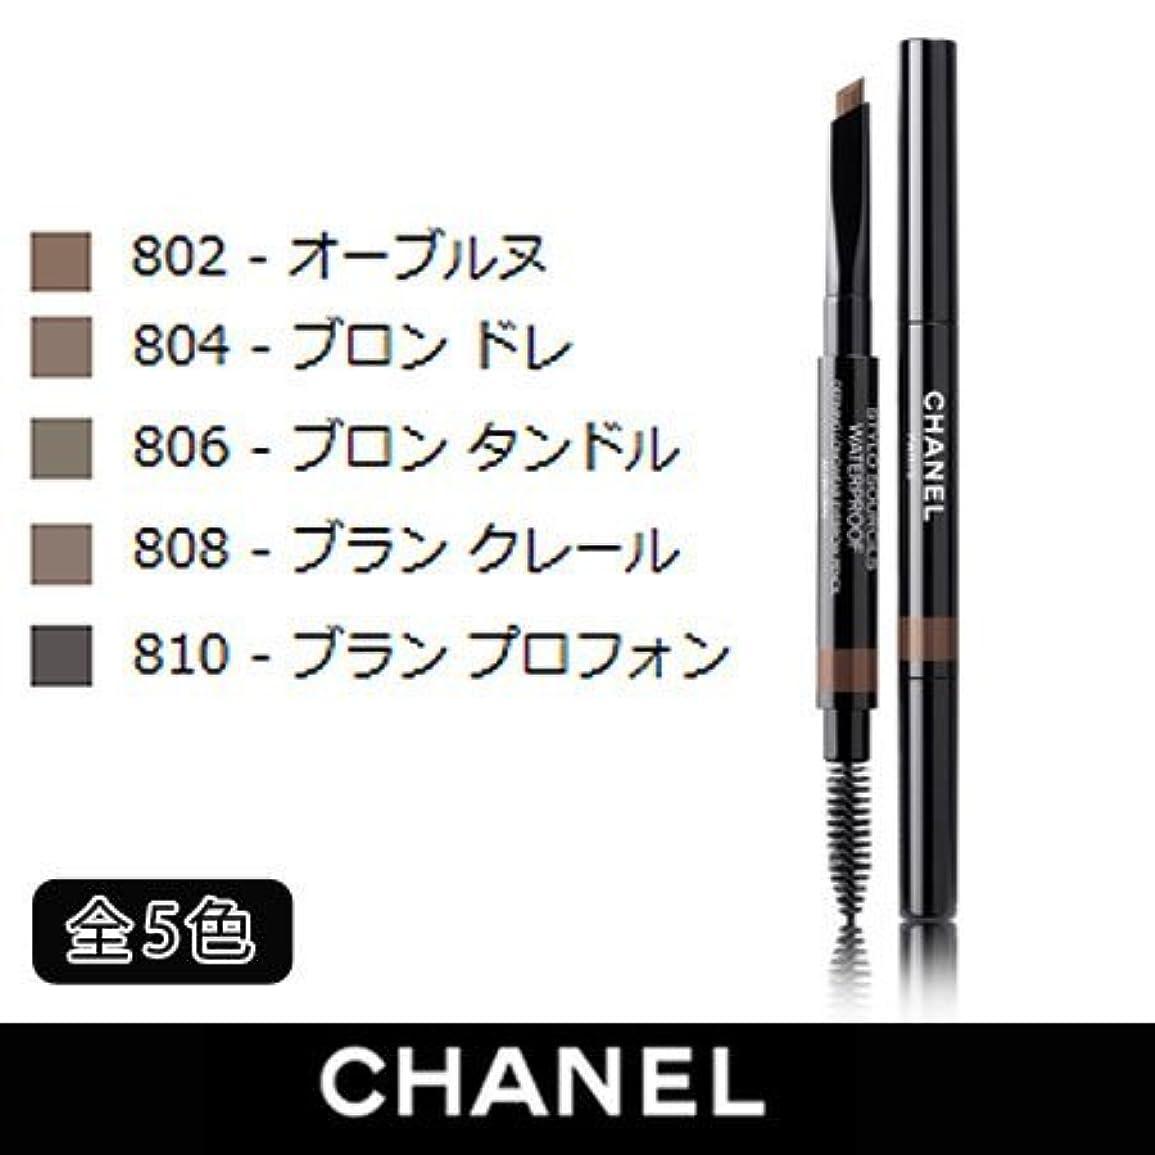 模倣痛み火シャネルスティロ スルスィル ウォータープルーフ 全5色 -CHANEL- 810